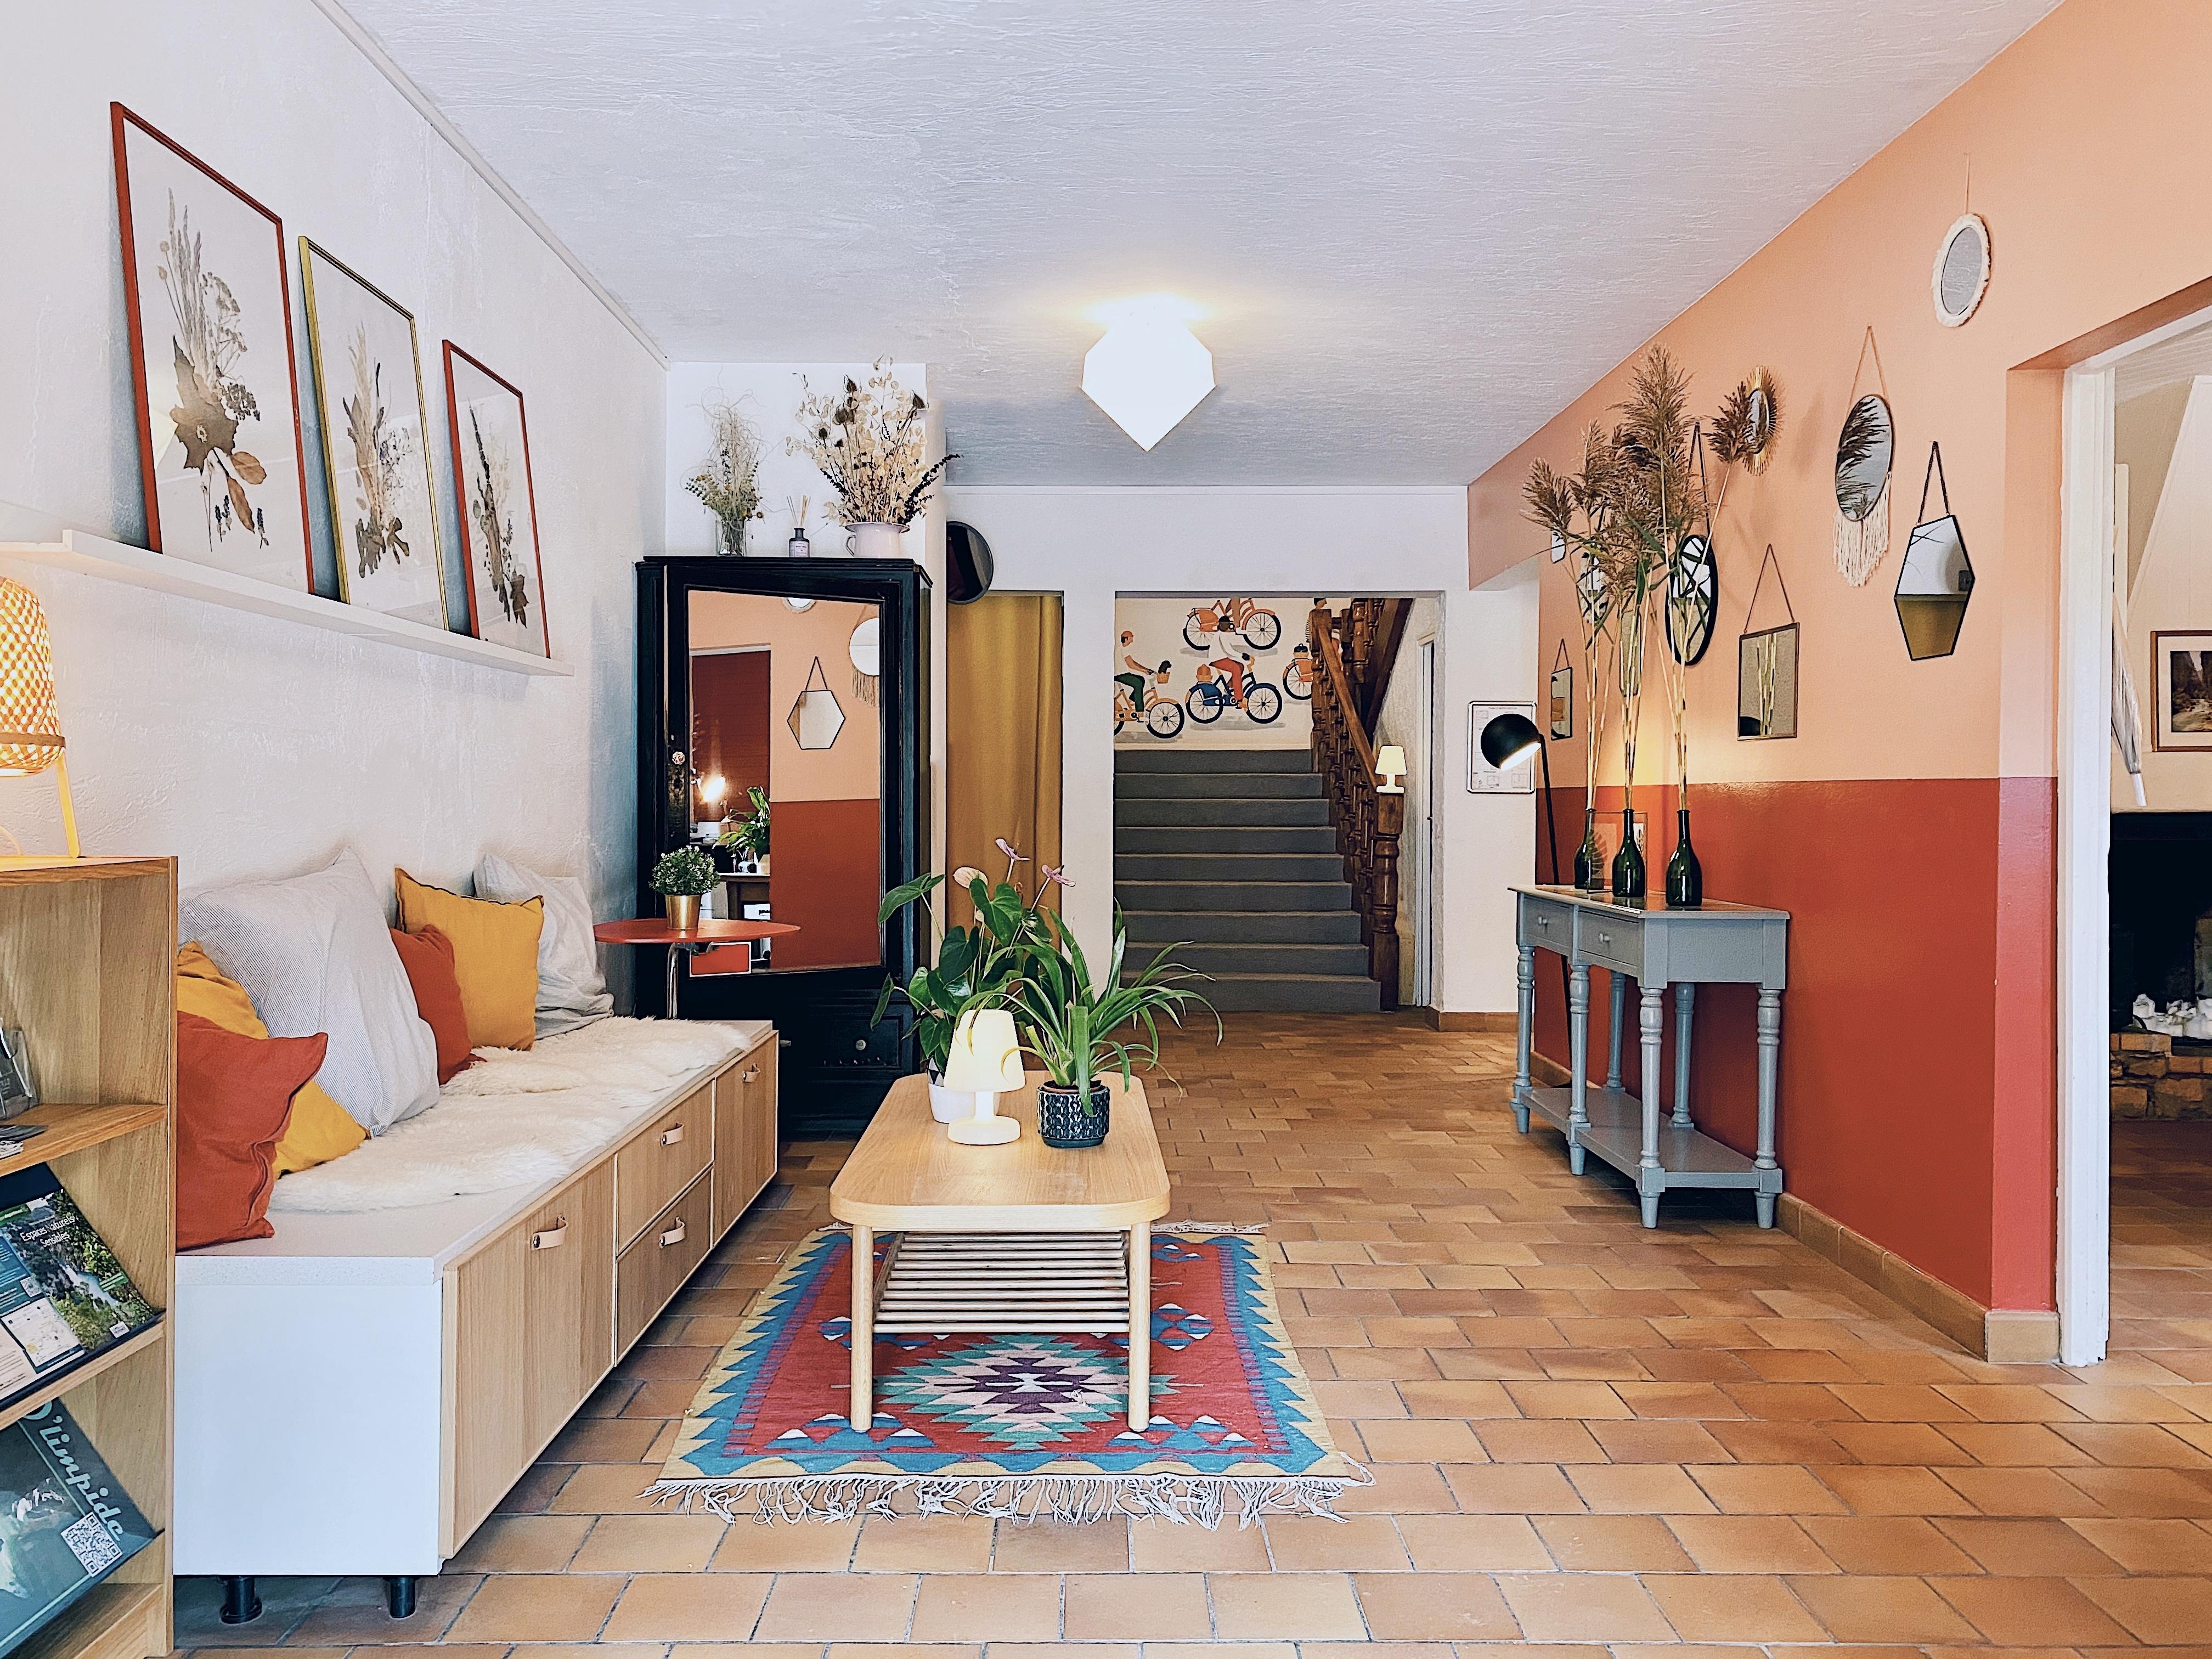 Accueil de l'Hôtel Le Provence